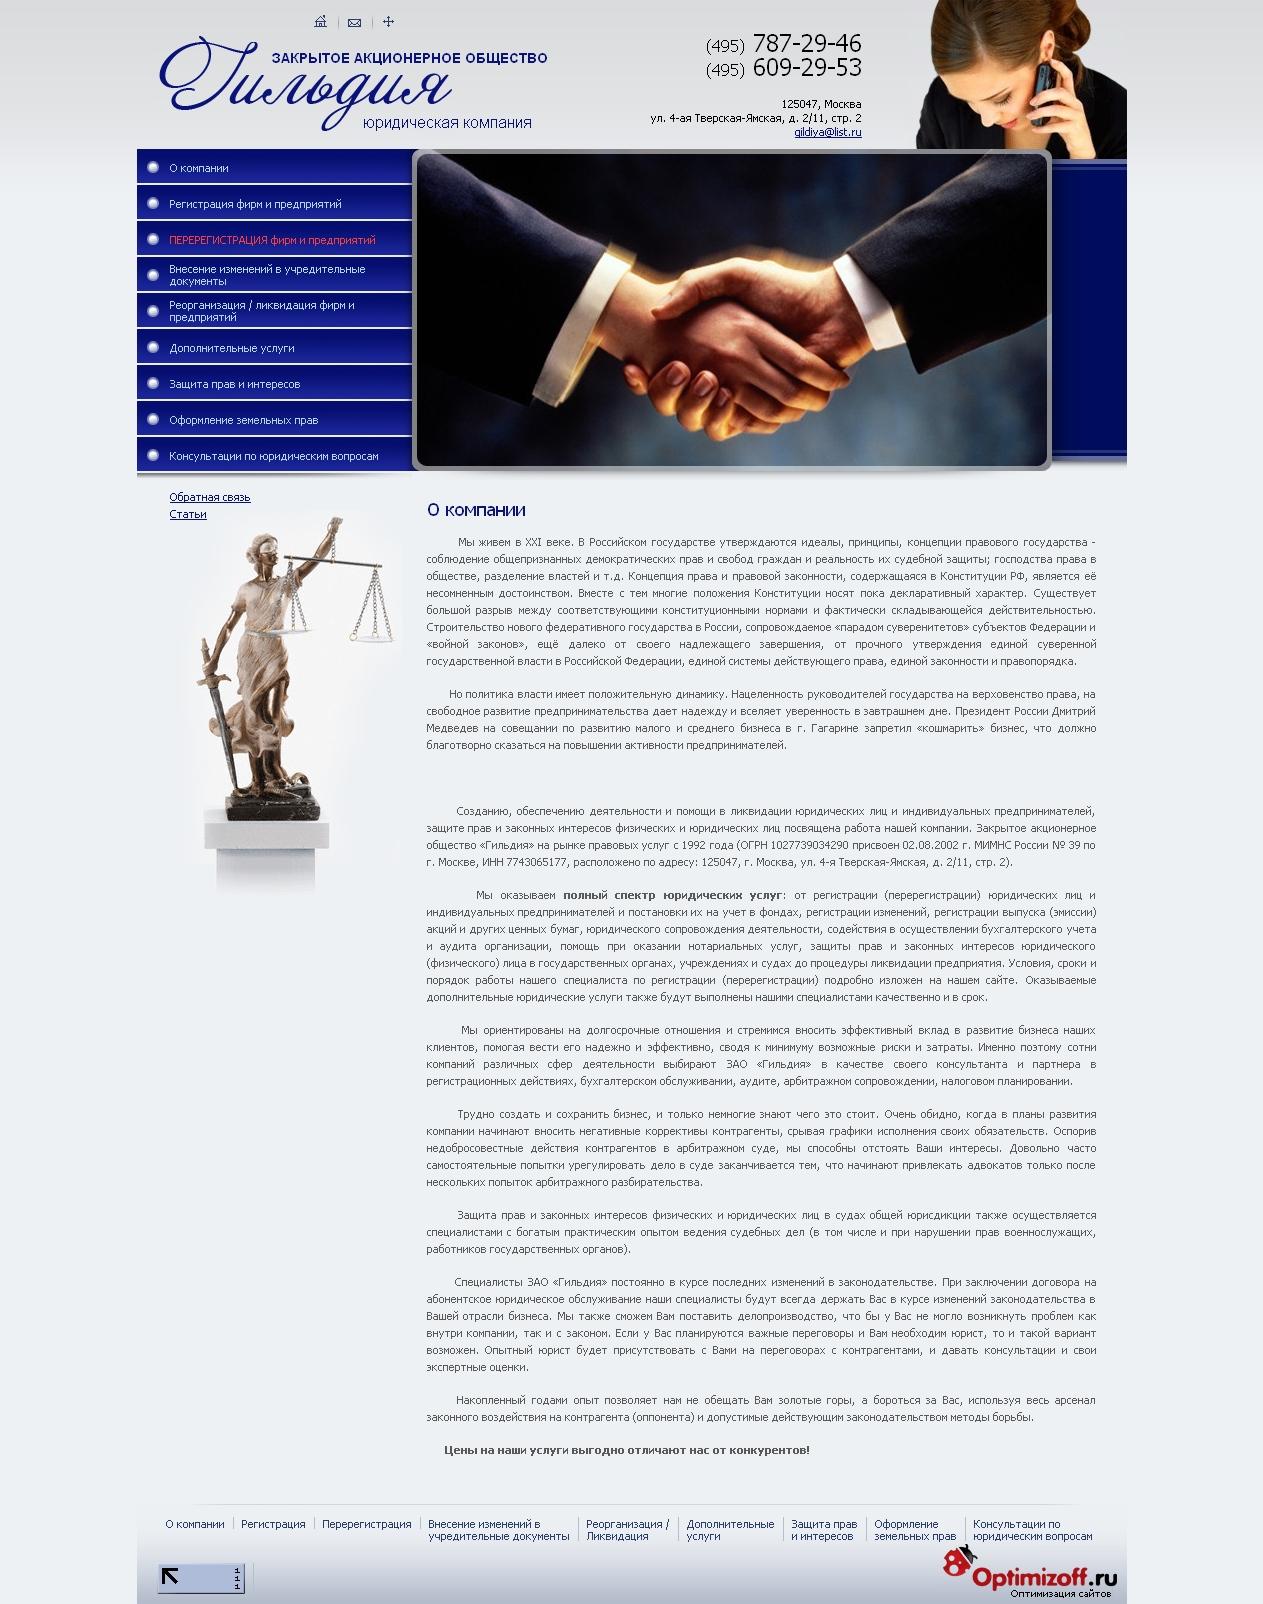 <p>Оказываем полный спектр юридических услуг: от регистрации (перерегистрации) юридических лиц и индивидуальных предпринимателей и постановки их на учет в фондах.</p>